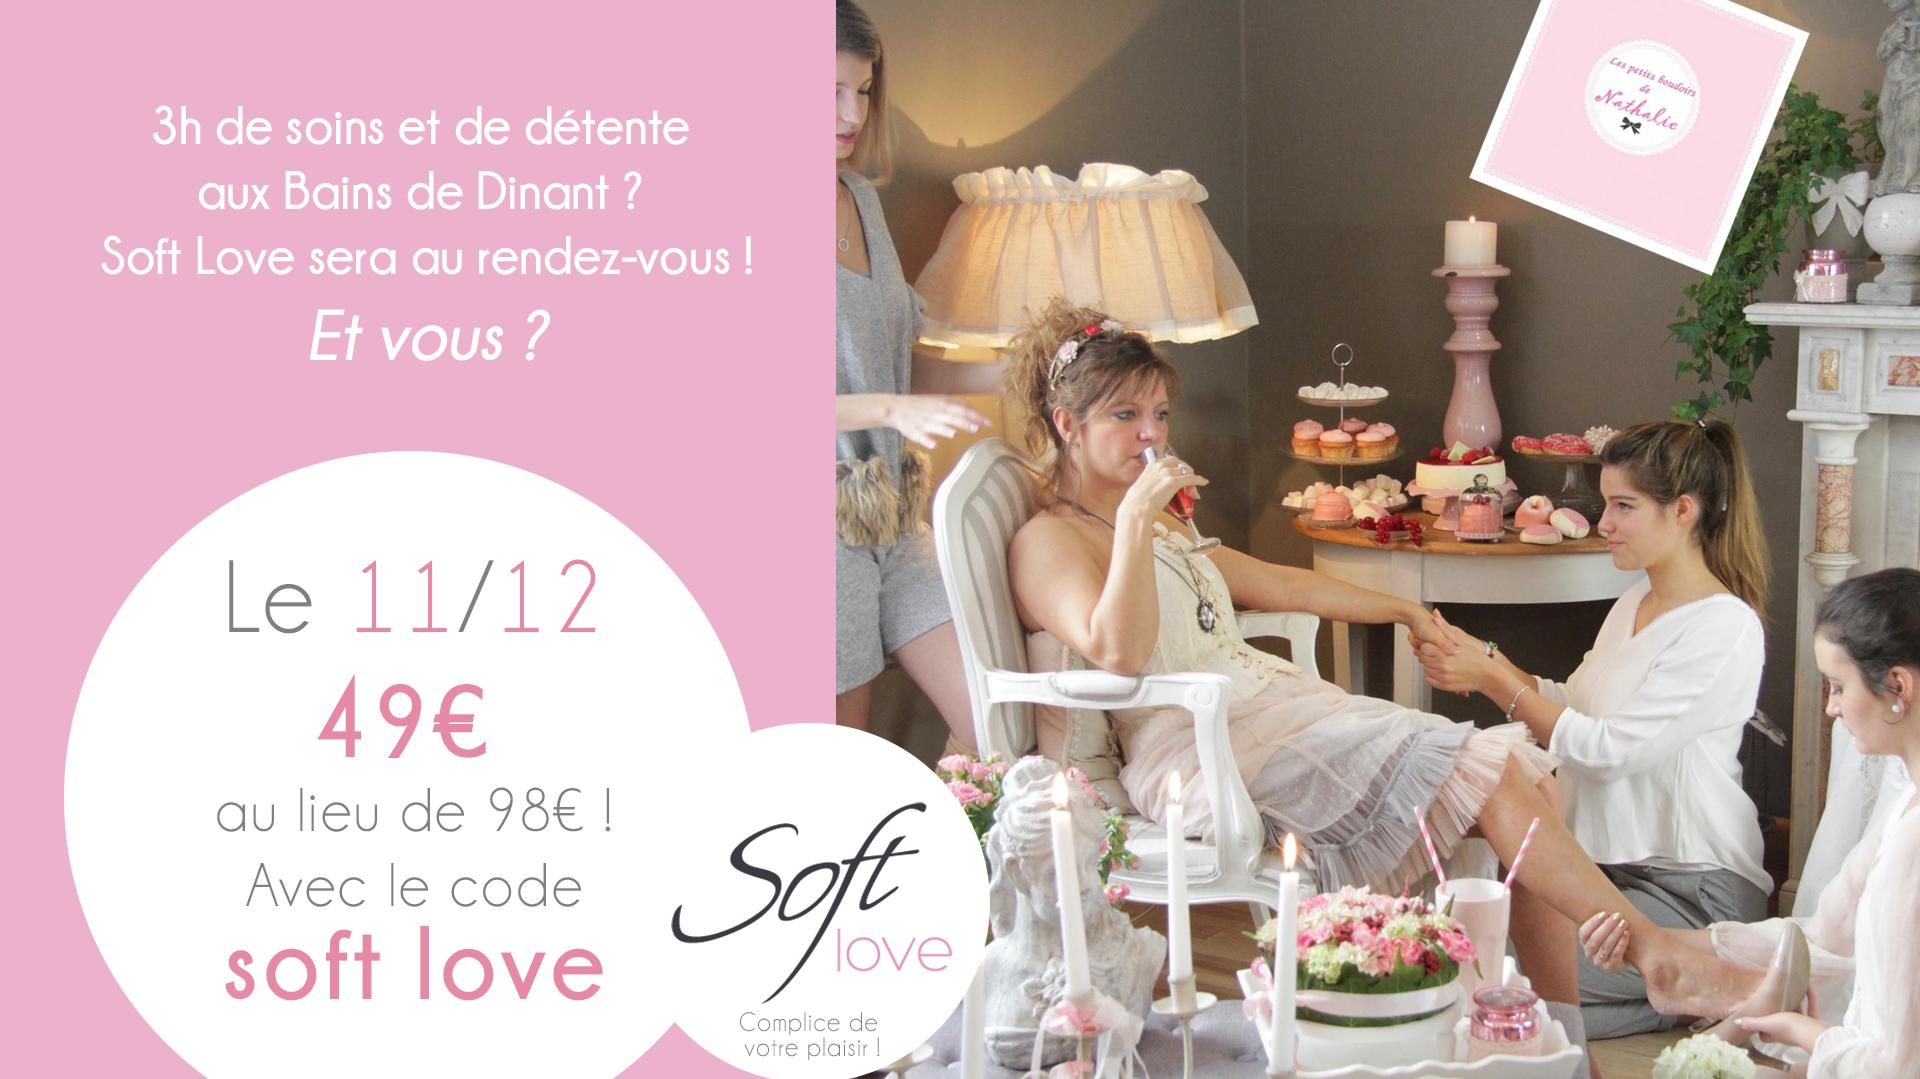 Bains de Dinant - Soft Love